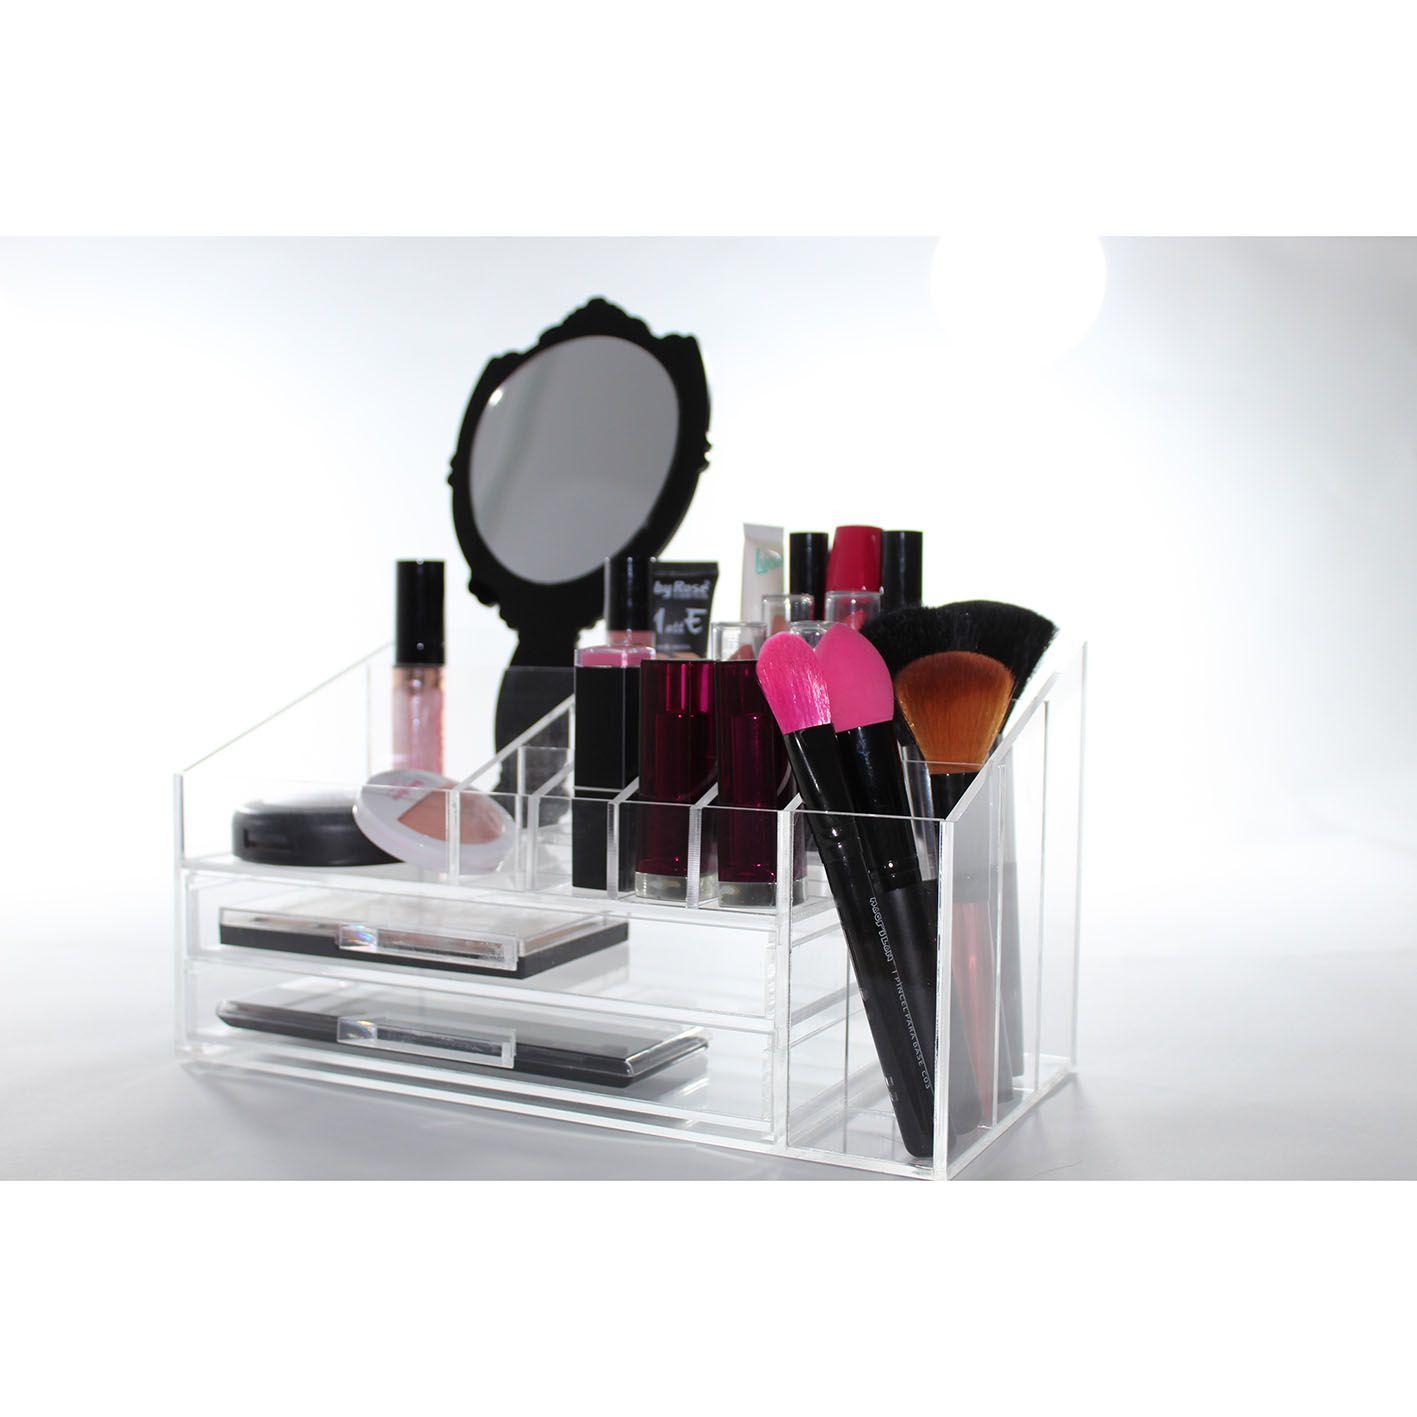 Organizador de Maquiagem Compacto + Espelho